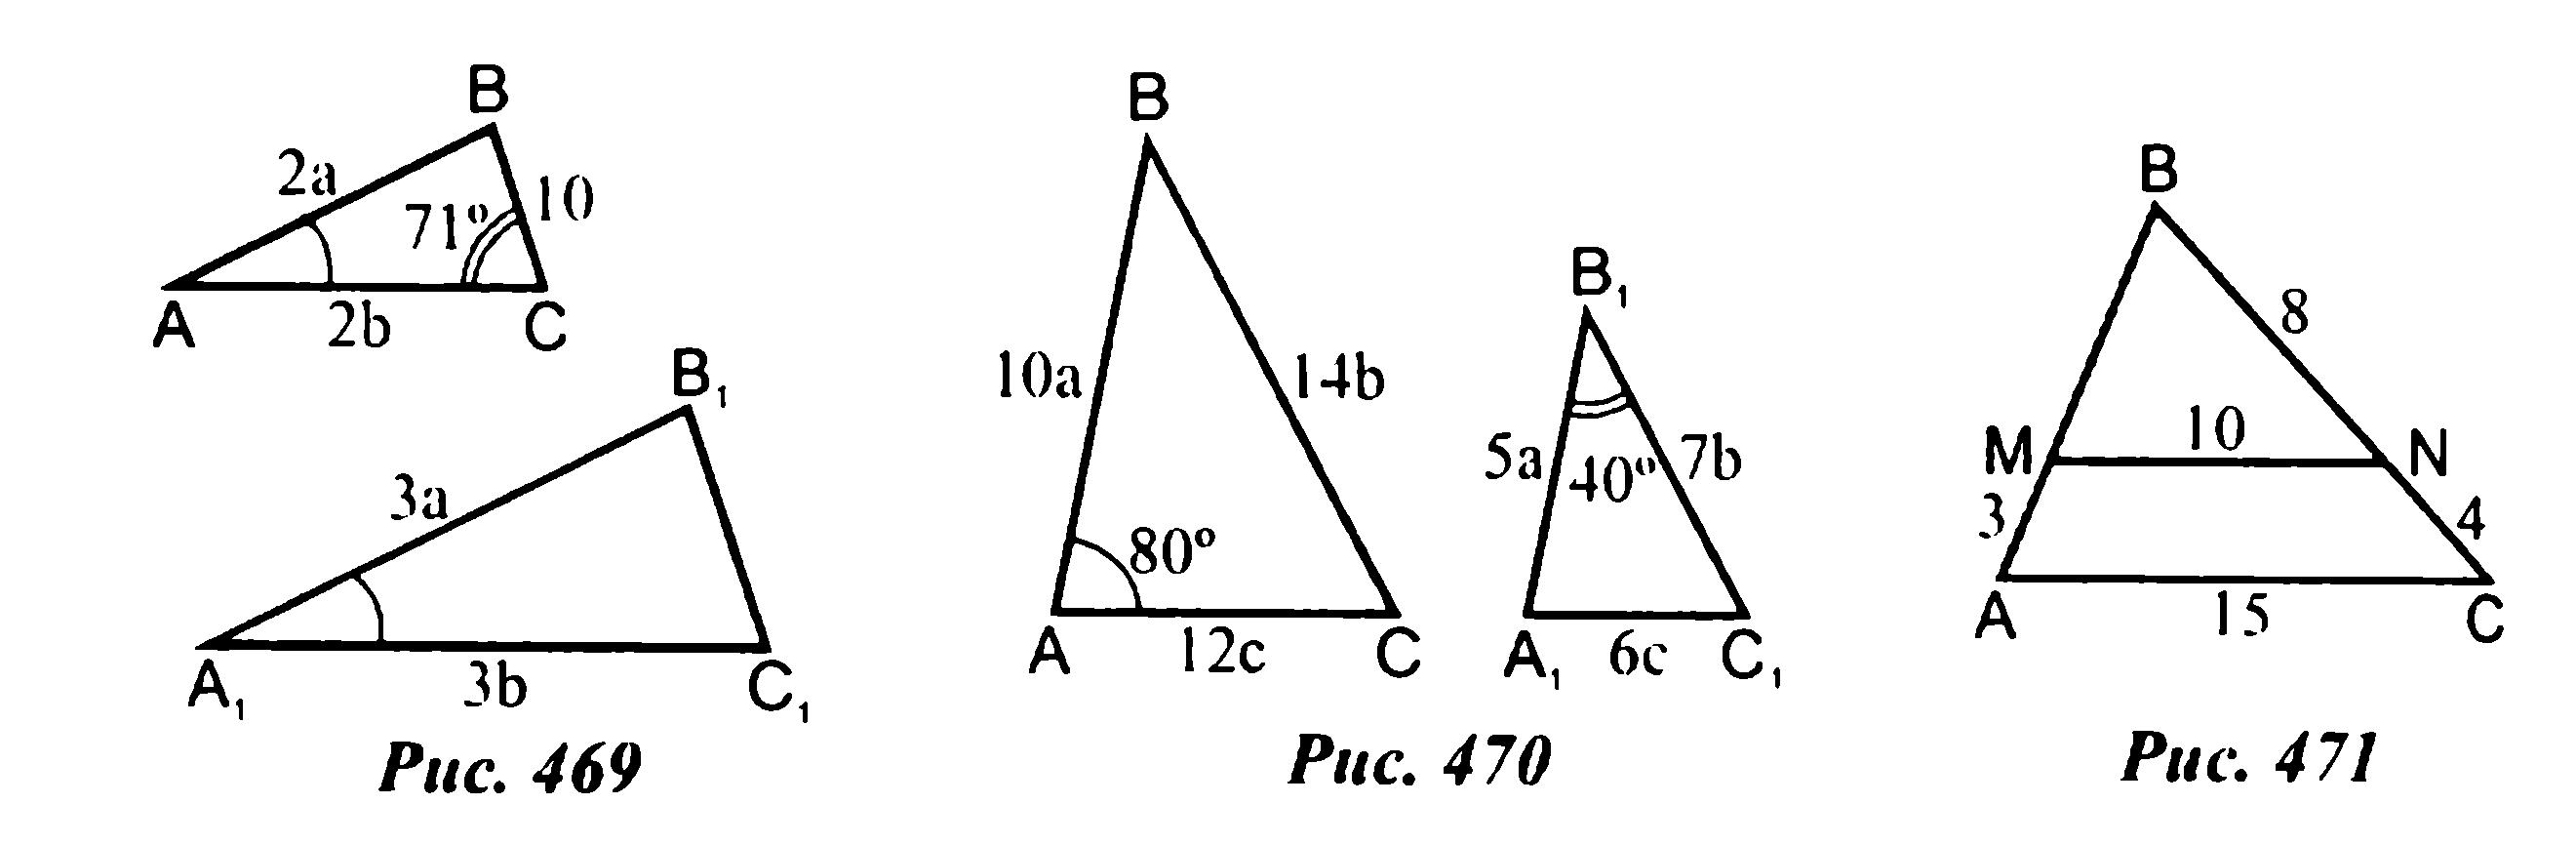 Урок по геометрии на тему Решение задач на применение признаков  hello html 67f5e4f5 png hello html m6822eb5a png